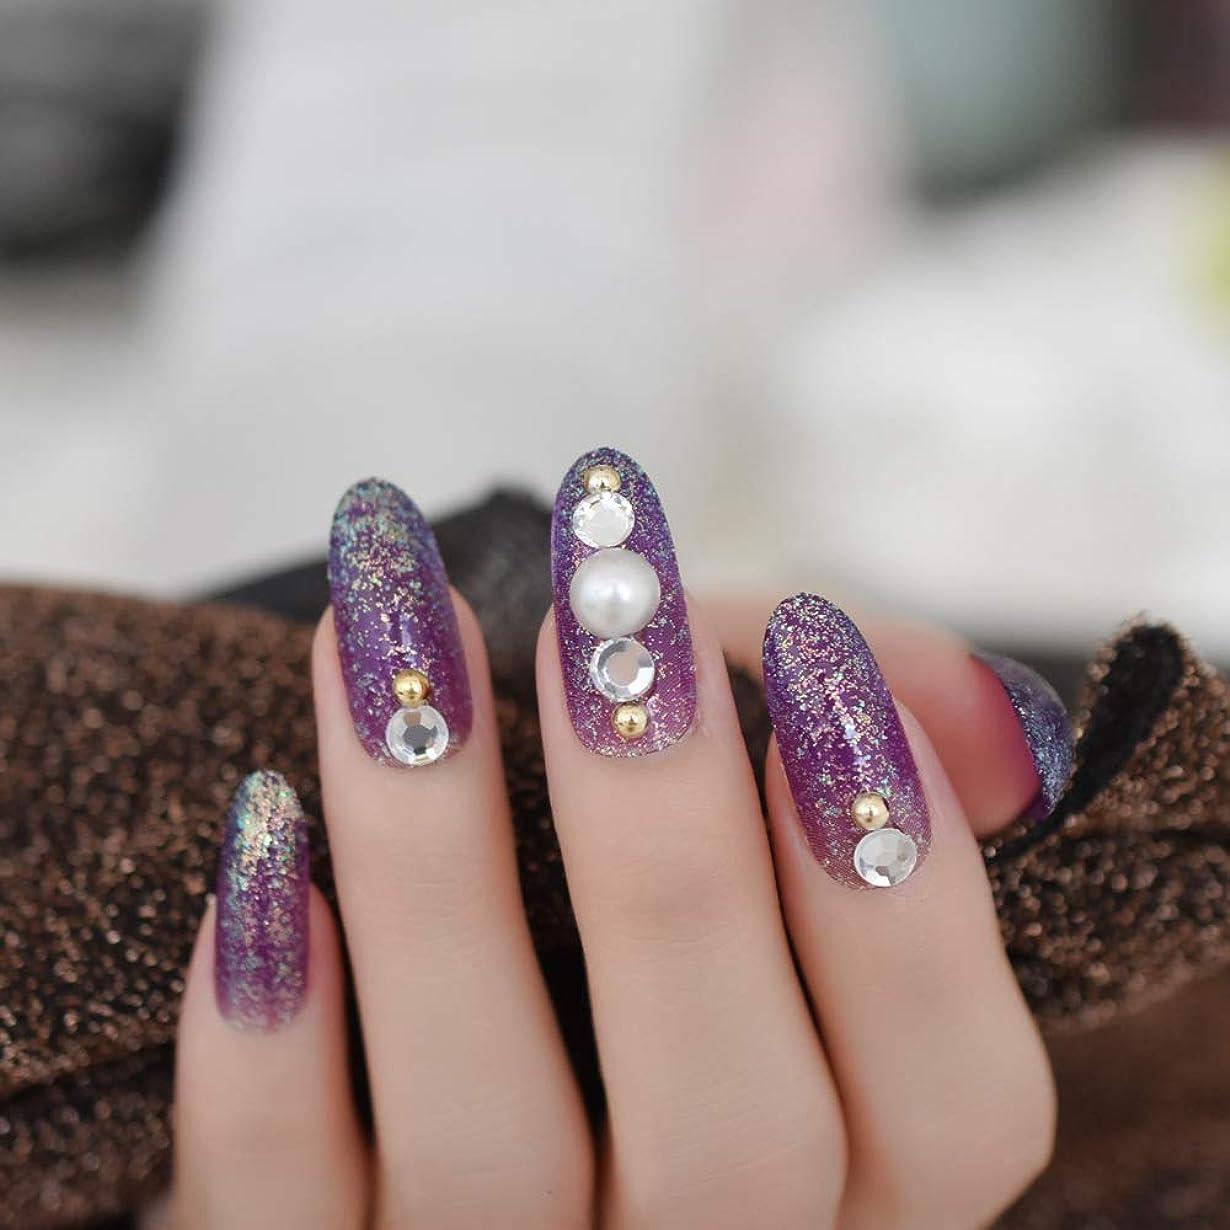 インセンティブ広がりマークされたXUTXZKA 指のタブのために装飾された長い楕円形のキラキラ偽の釘紫大